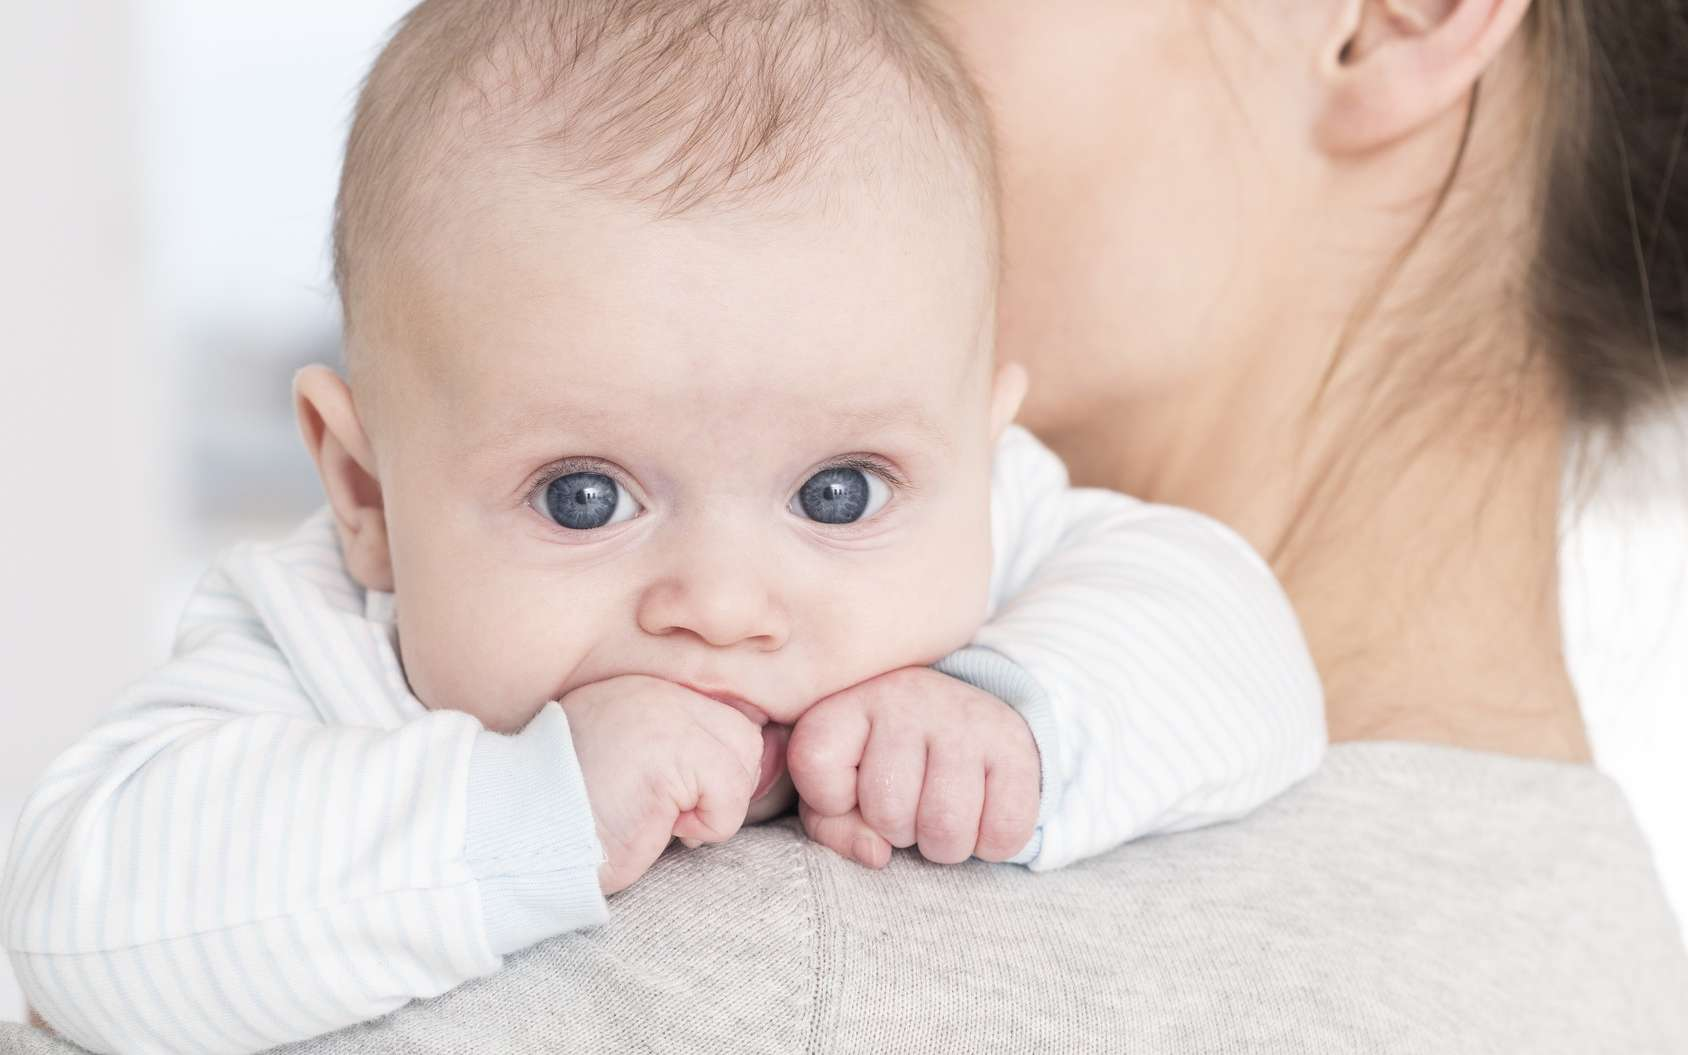 Demander l'acte de naissance pour votre bébé